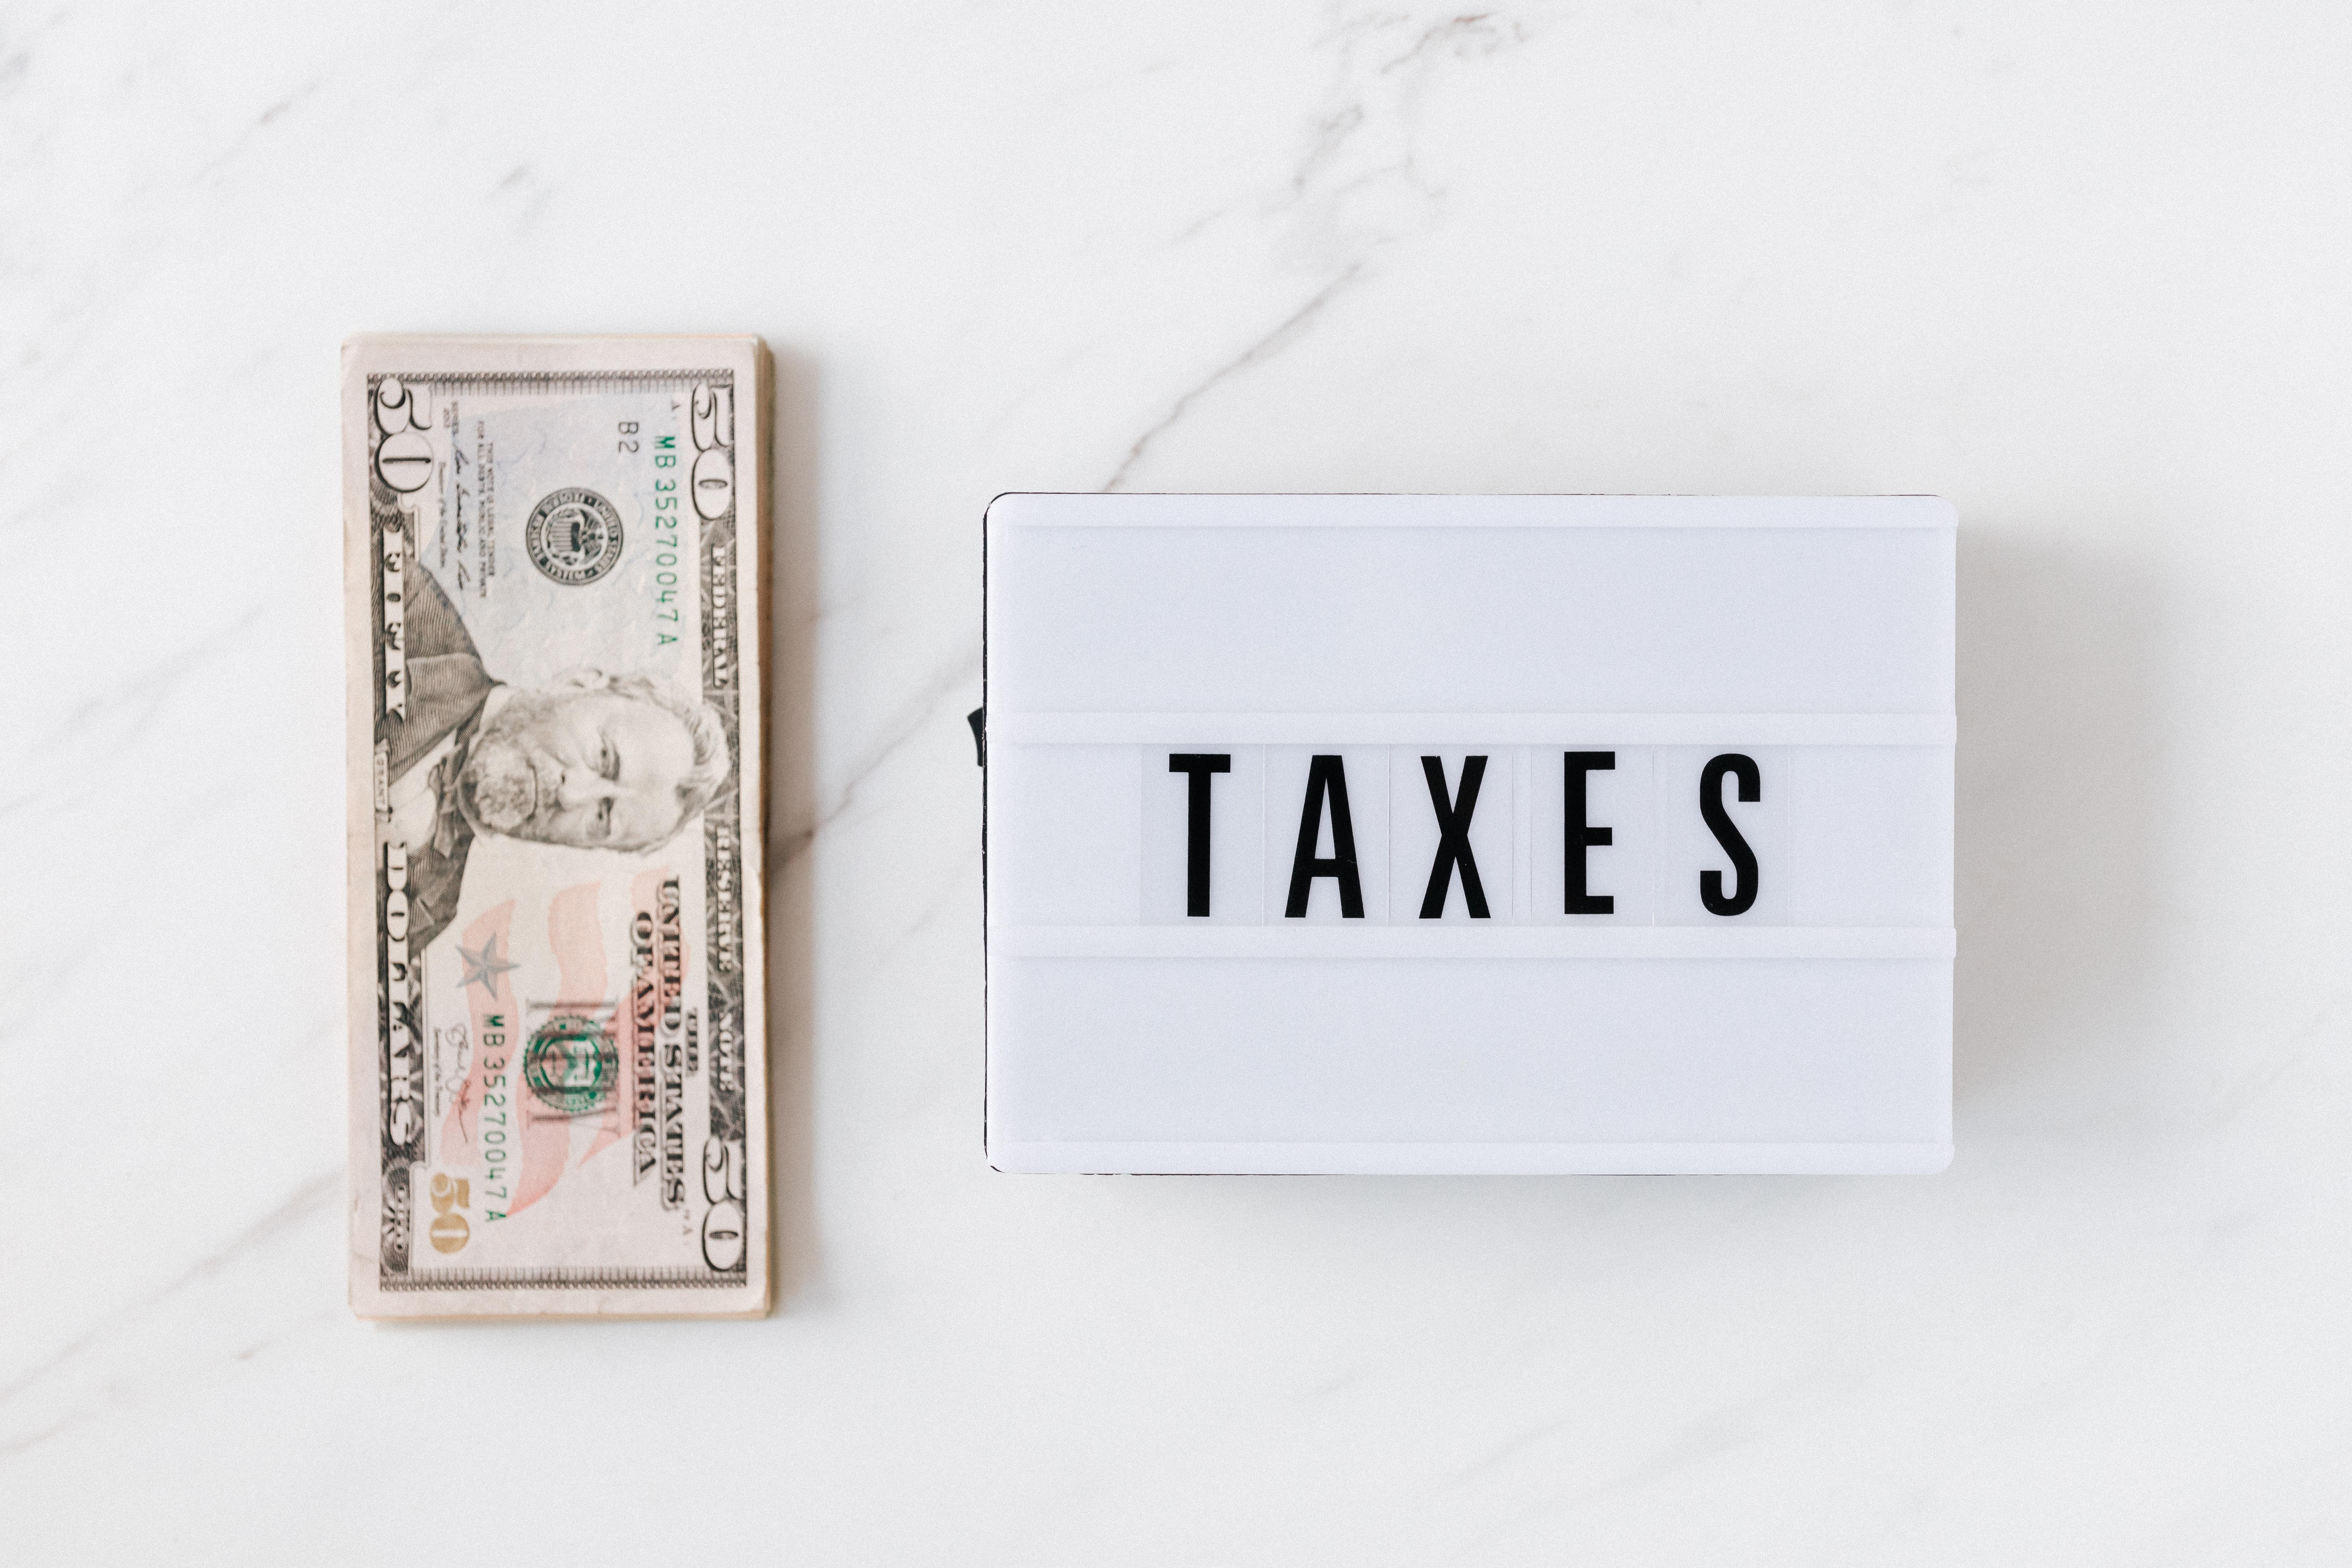 """Imposto de Renda dos Fiis: Vemos um malote de dólares e ao lado um pequeno letreiro com a palavra """"Taxes"""""""